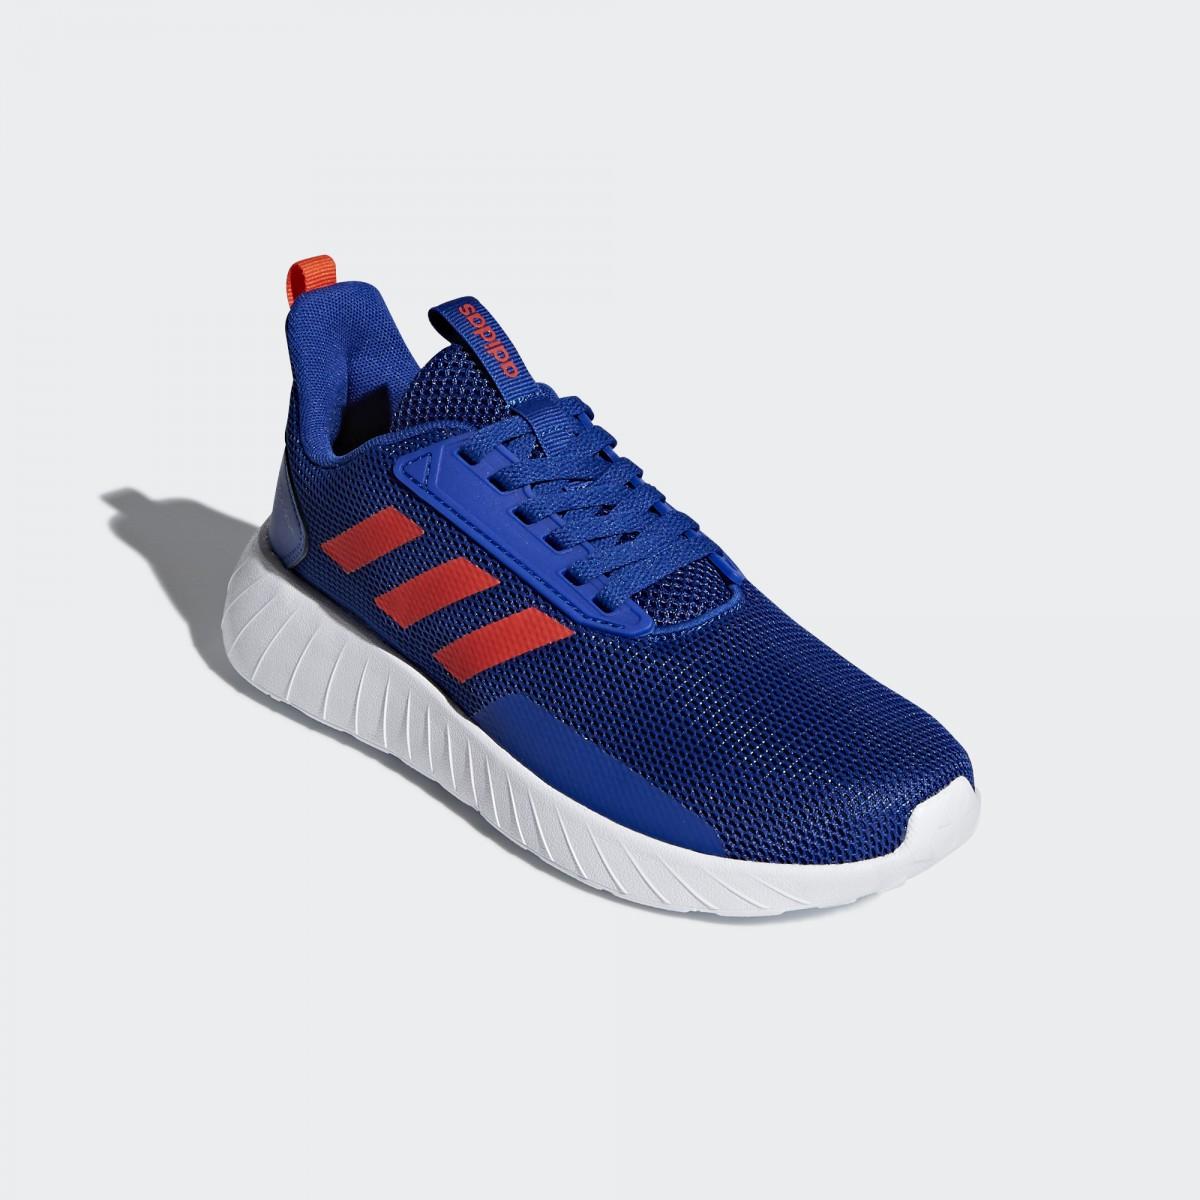 7d701d451 ADIDAS SNEAKERS SPORT Shoes Questar Drive K boy Navy - $29.83 | PicClick